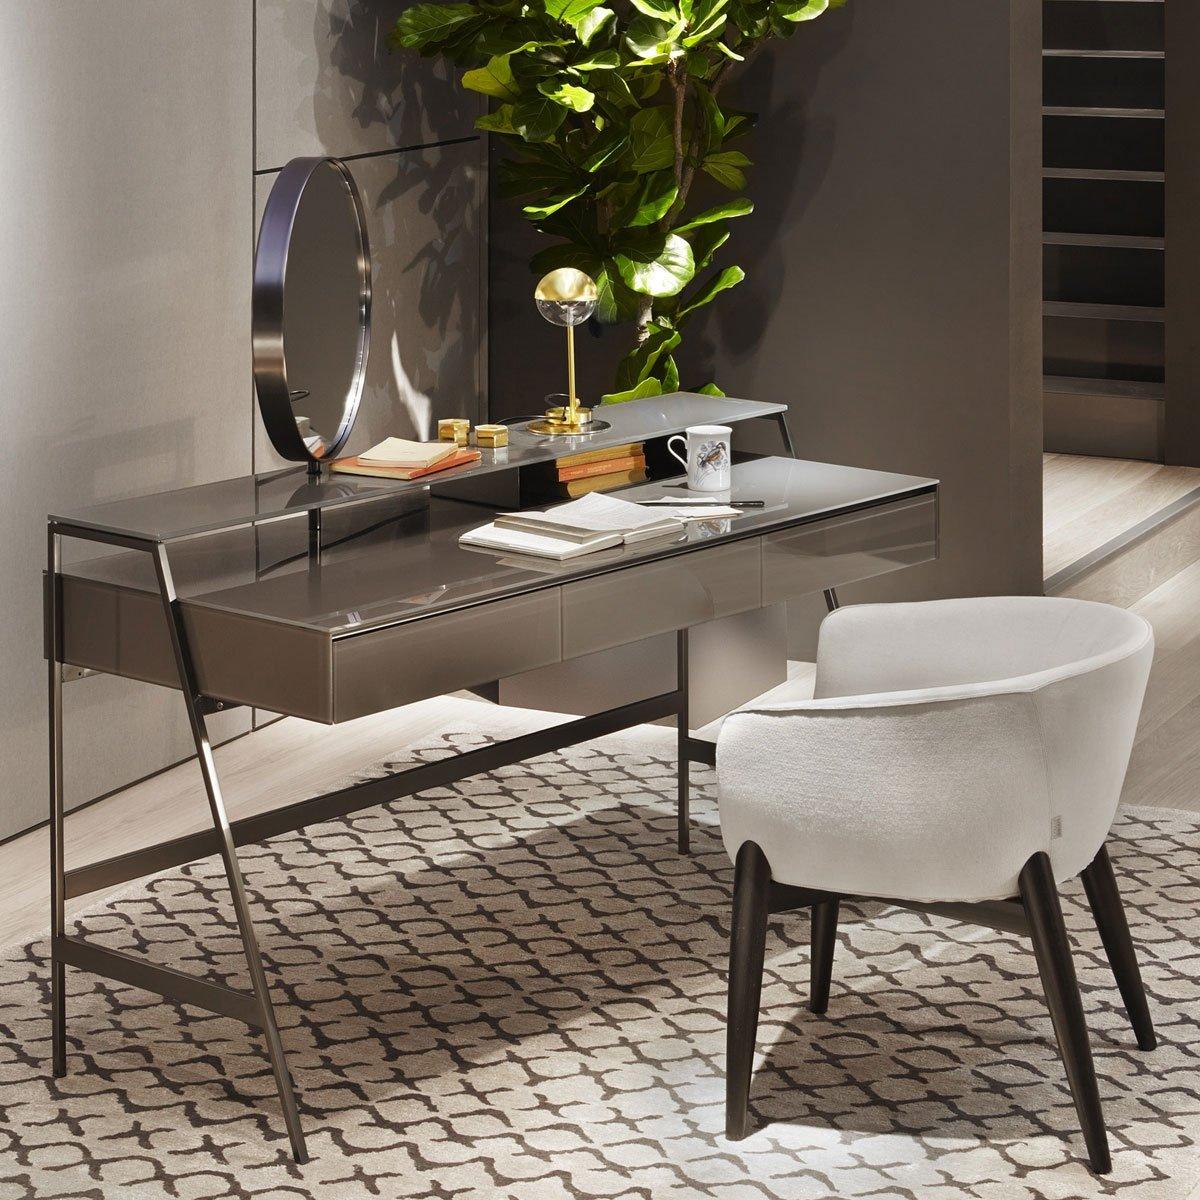 Venere Glass Desk with Mirror Gallotti & Radice